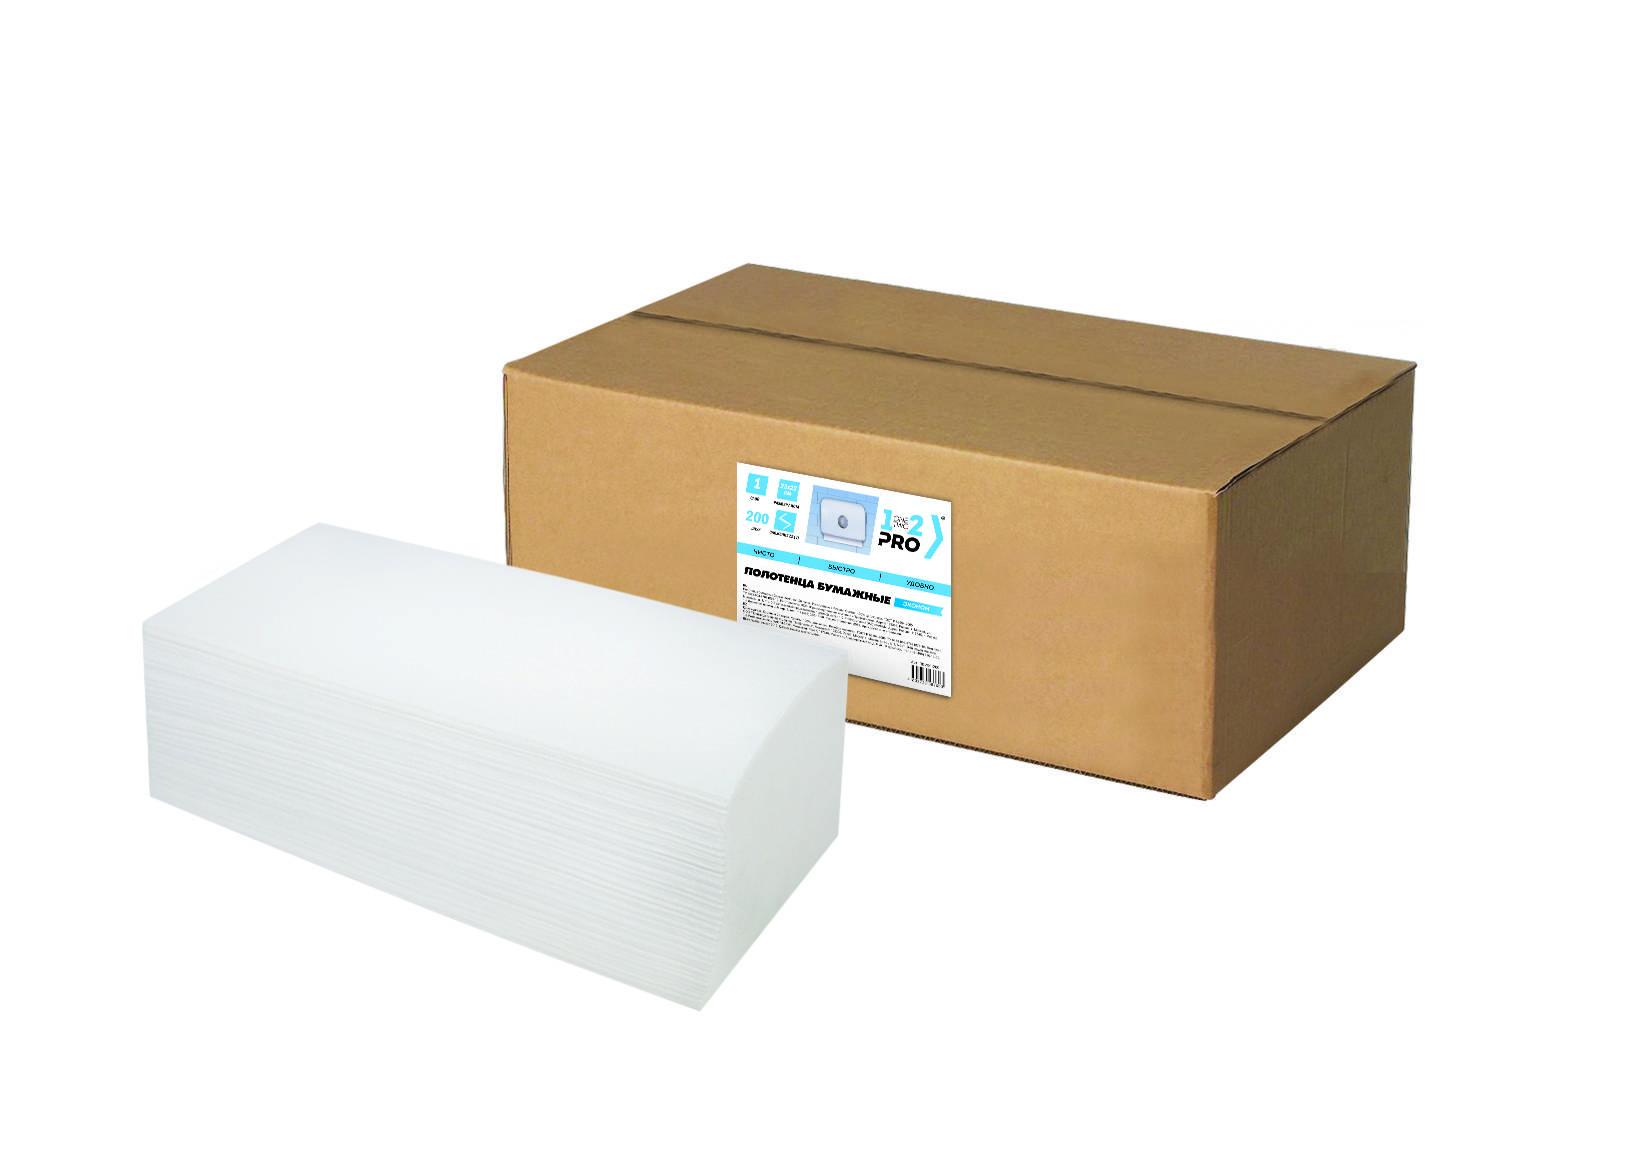 Полотенца бумажные 1 слой, 1-2-PRO ЭКОНОМ, V(ZZ)-сложение, 23х21 см, 200 листов, белый, целлюлоза